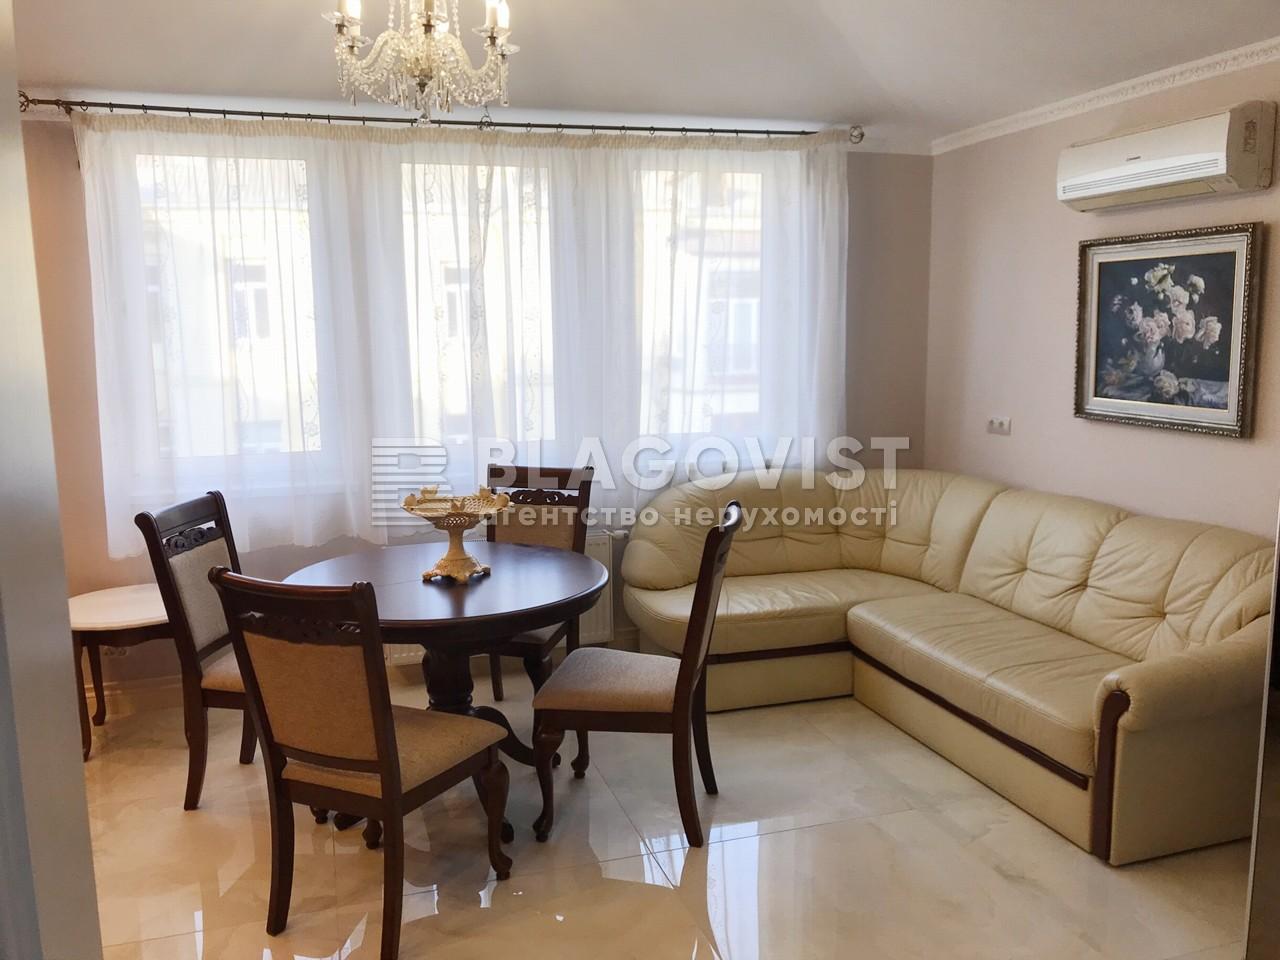 Квартира R-38221, Спасская, 5, Киев - Фото 6